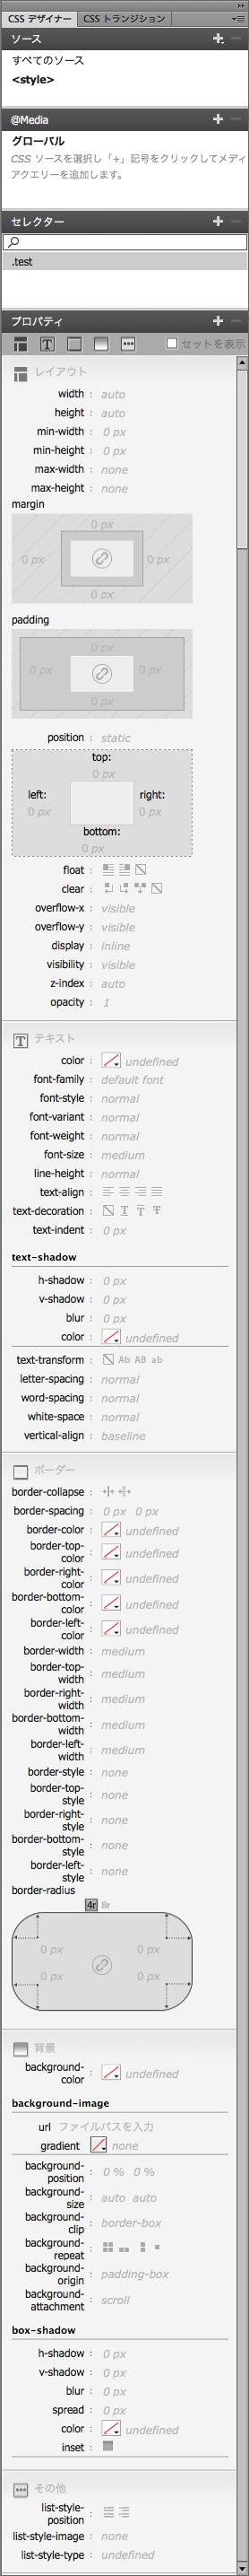 CSS デザイナー パネル